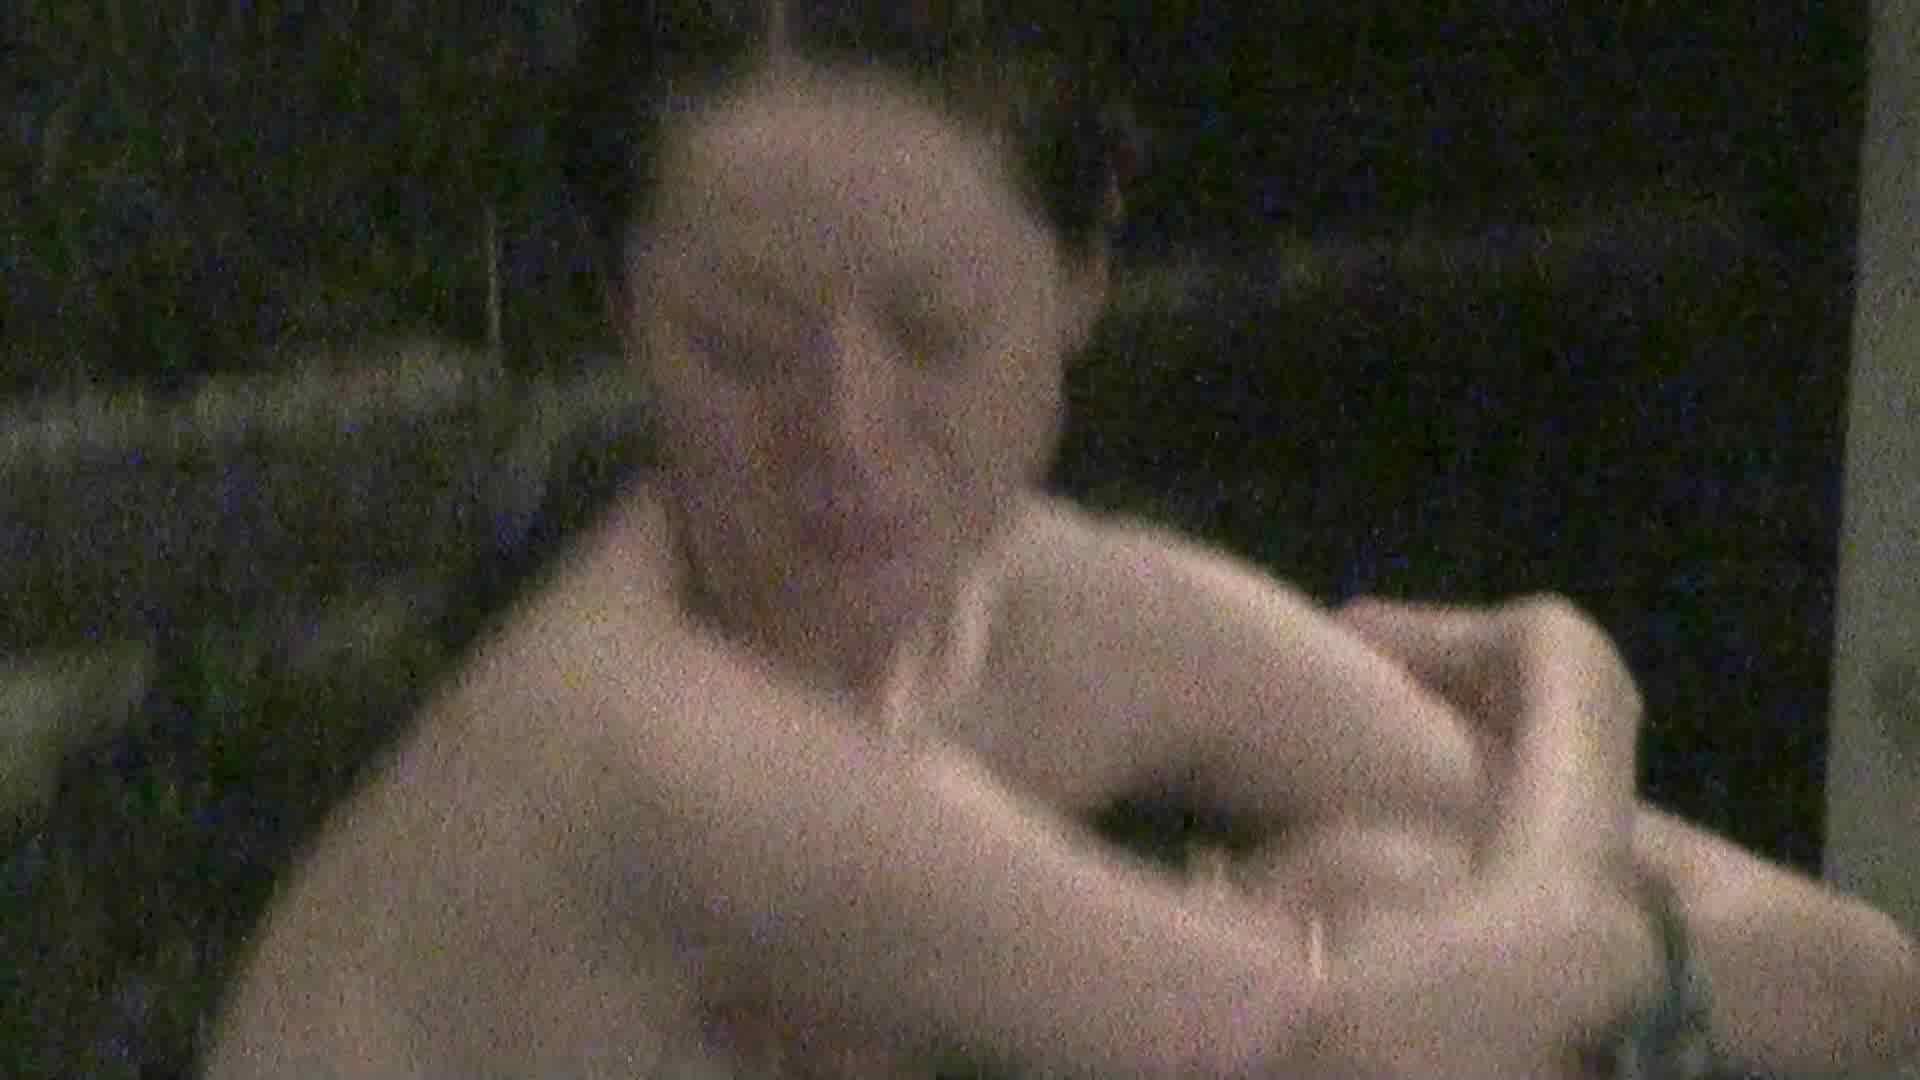 Aquaな露天風呂Vol.318 美しいOLの裸体   盗撮師作品  105pic 67